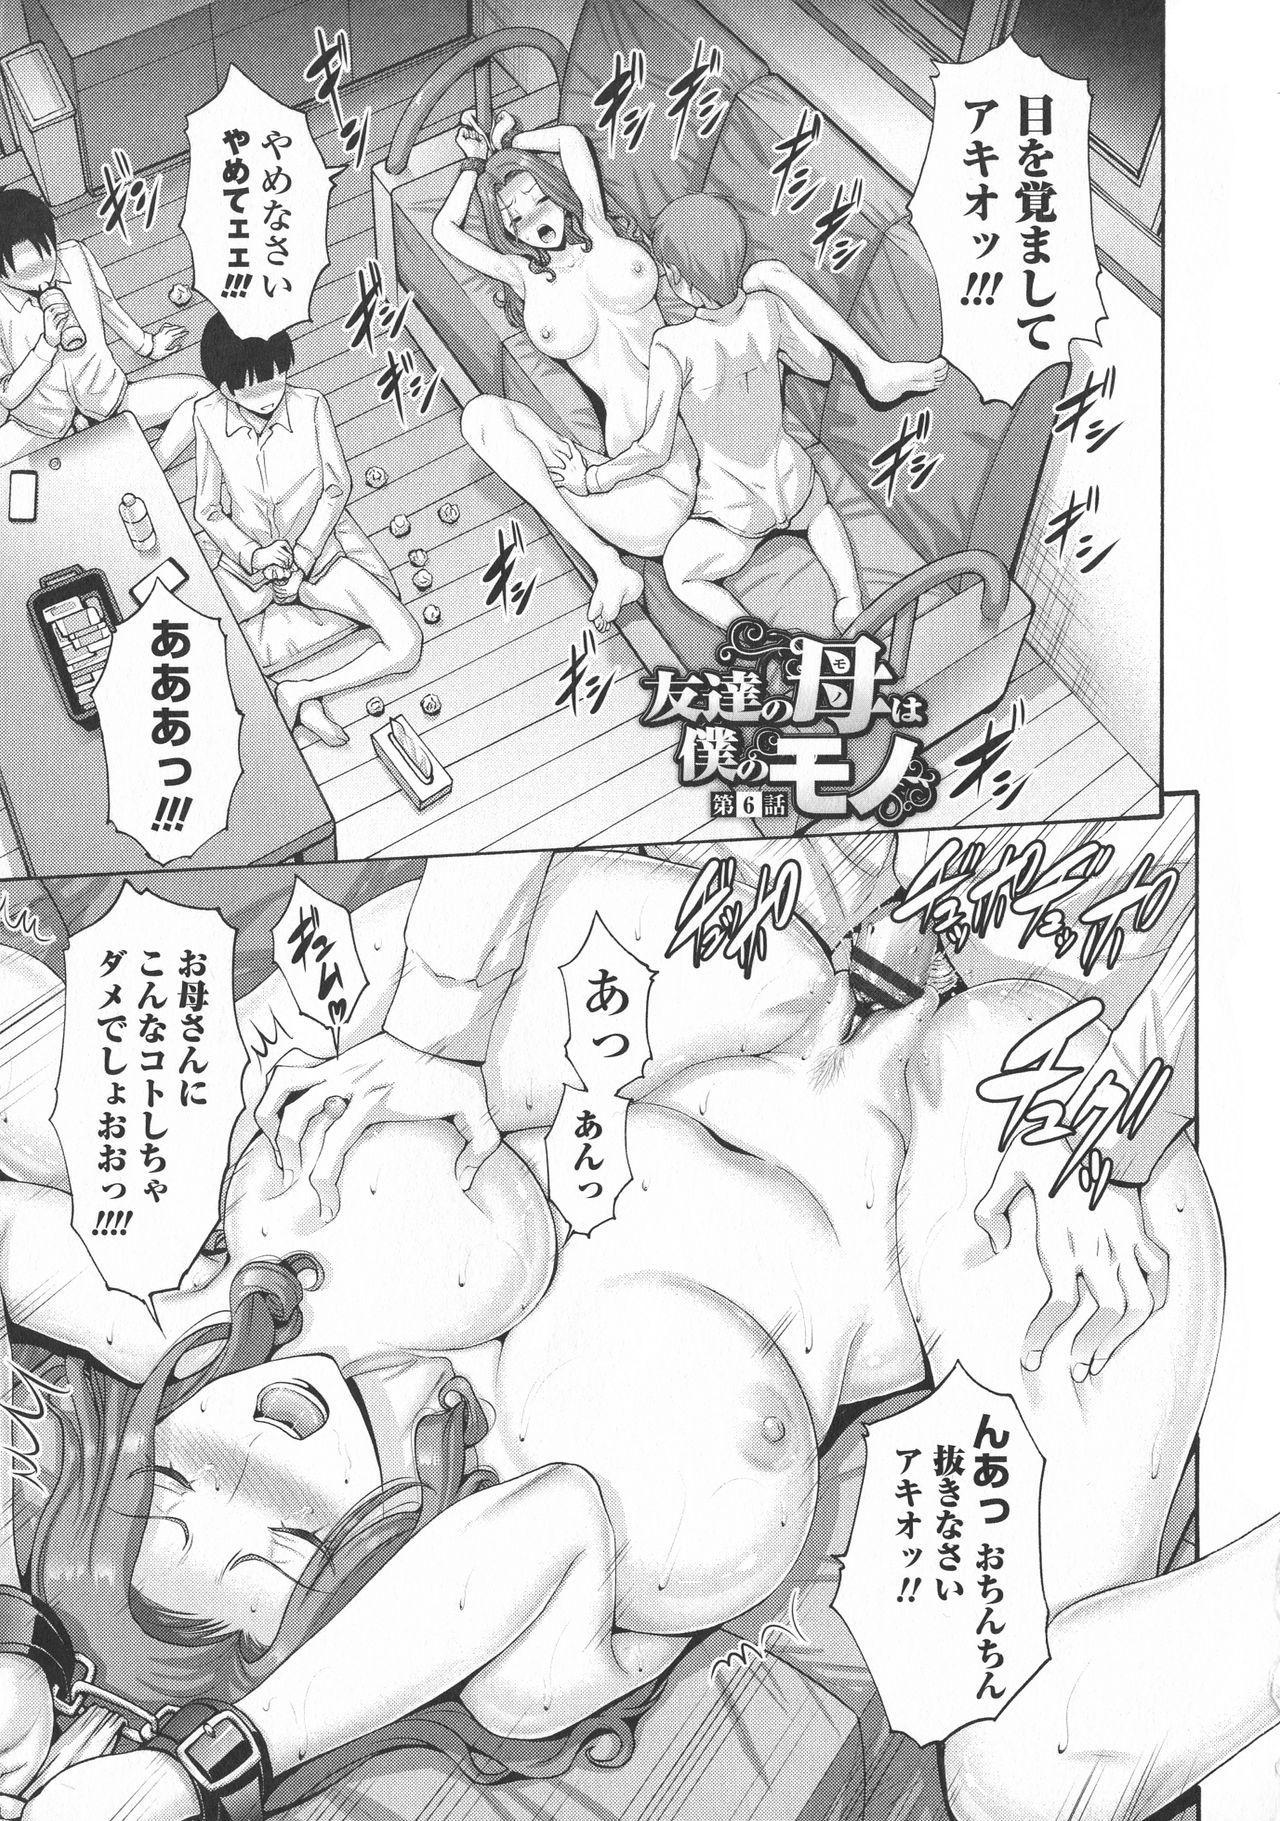 Tomodachi no Haha wa Boku no Mono - His Mother is My Love Hole 103